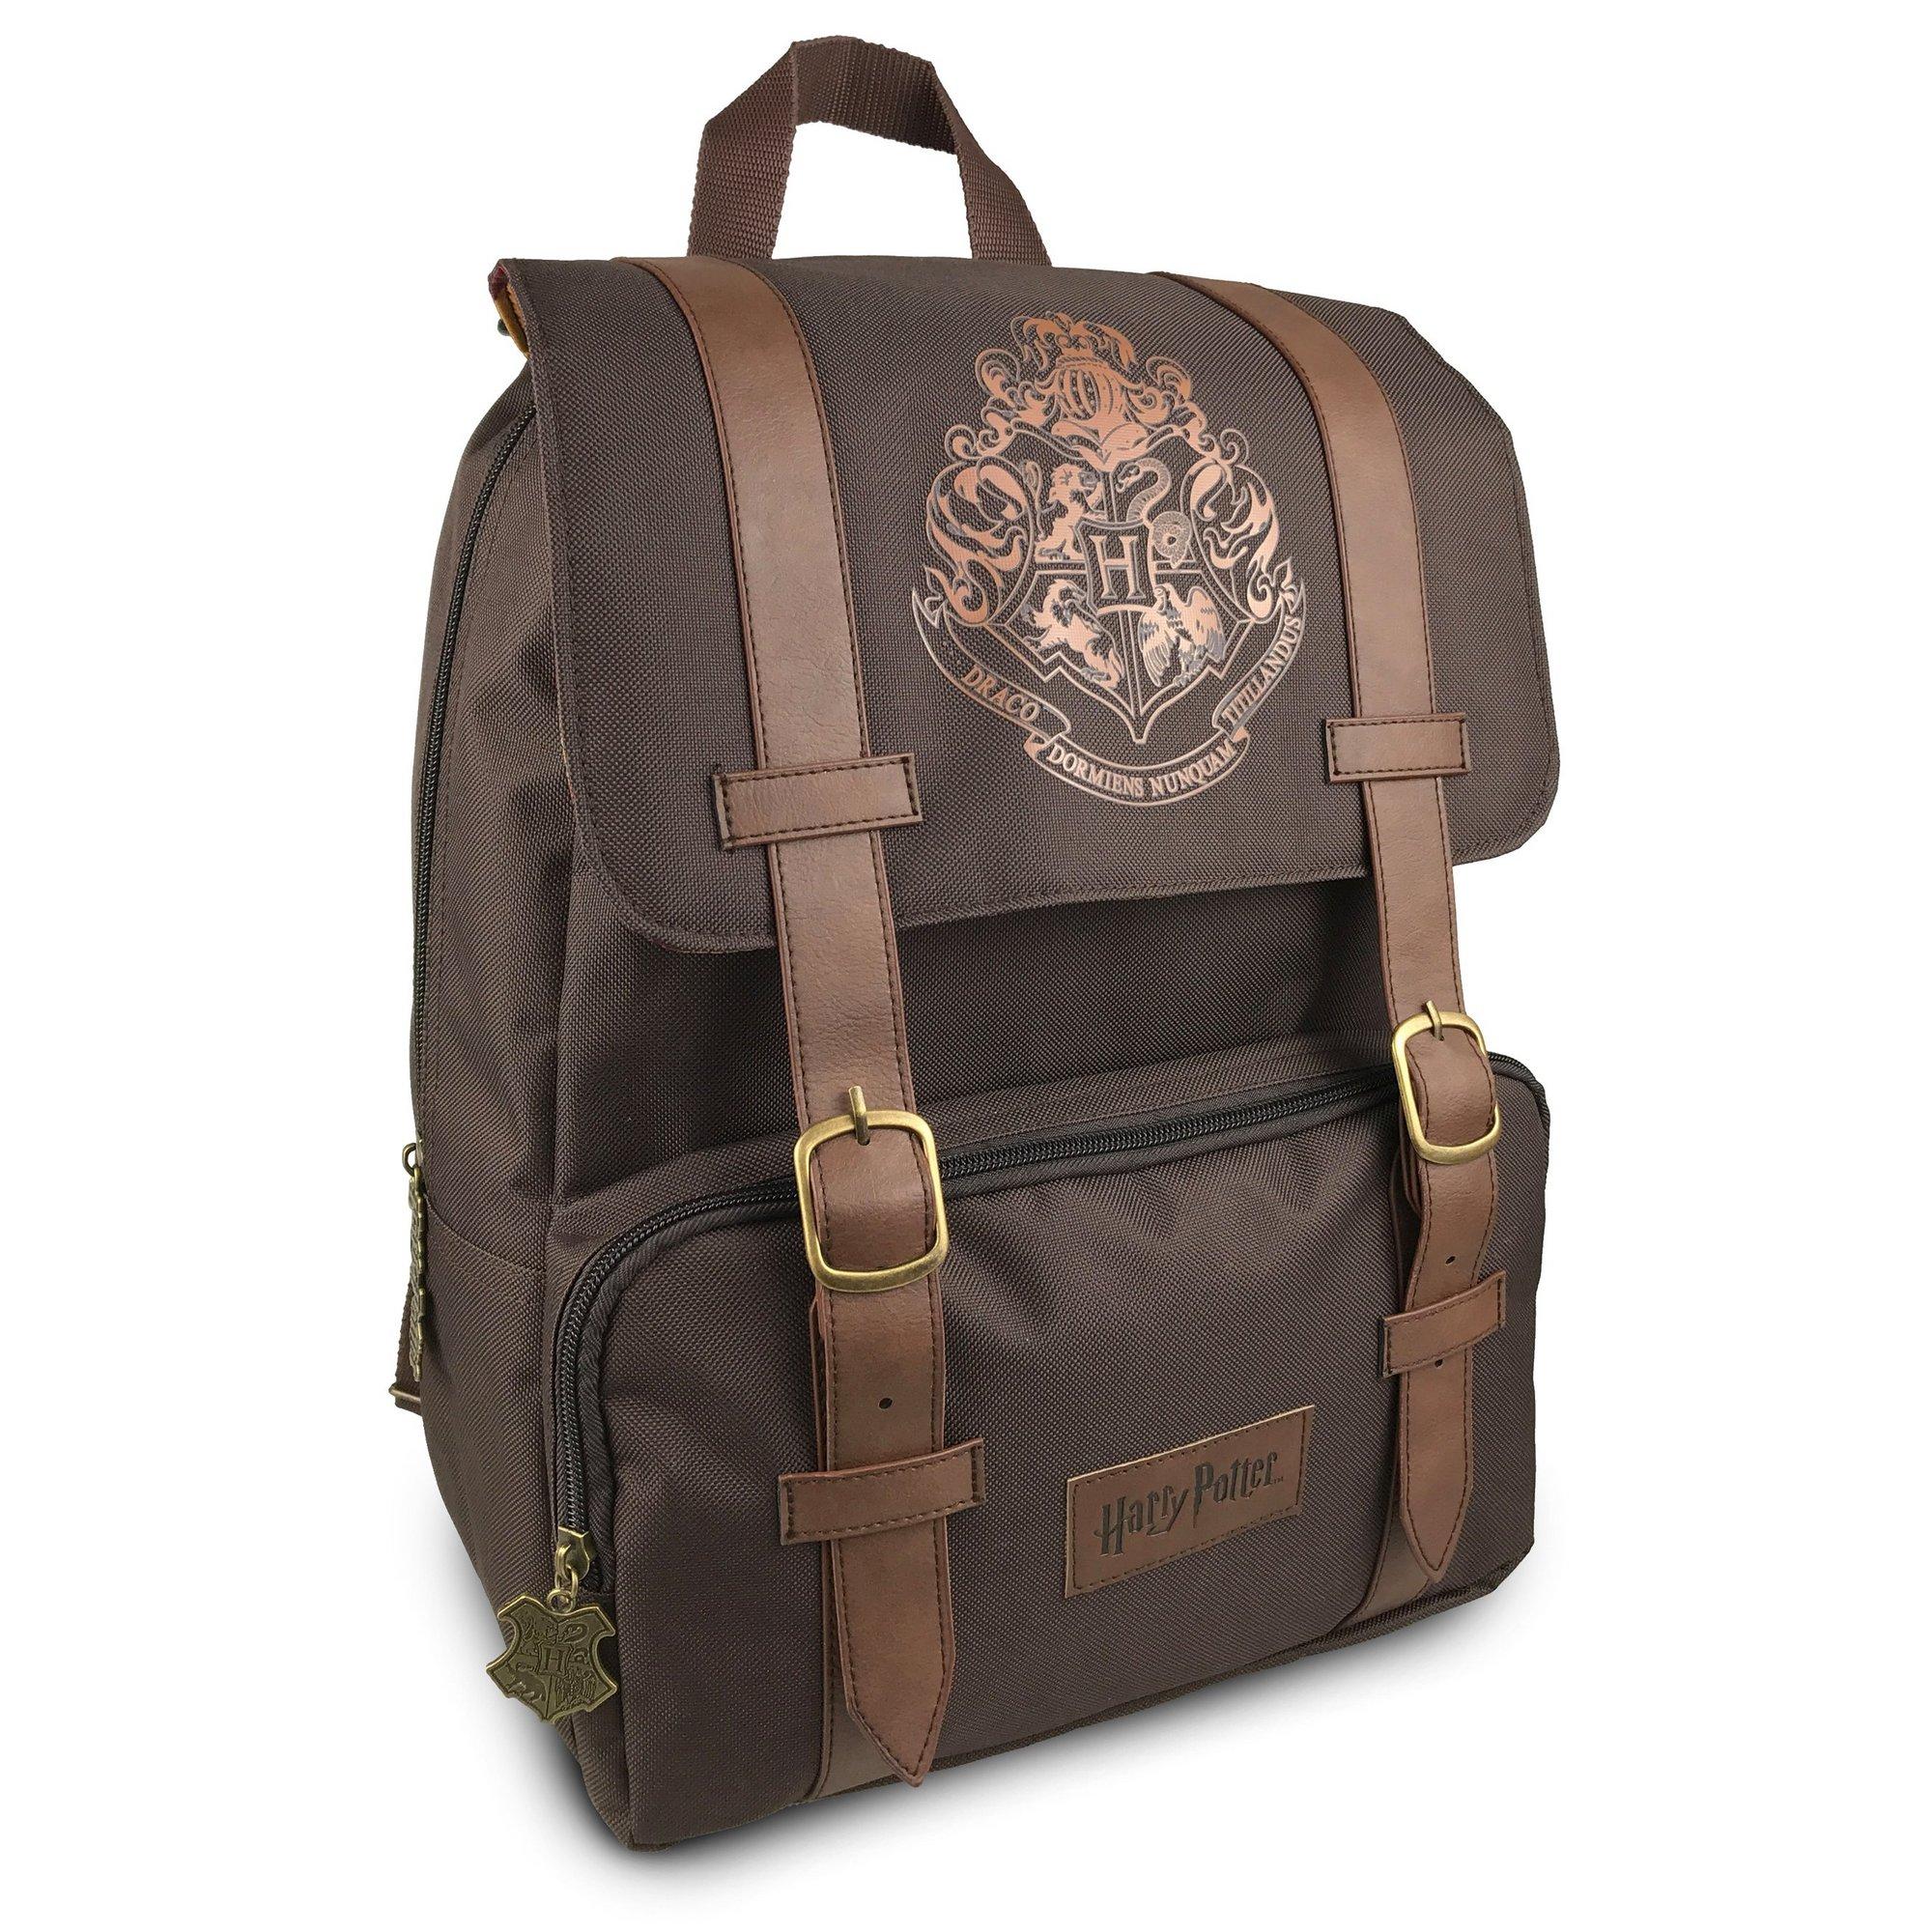 Image of Hogwarts Harry Potter Vintage Backpack